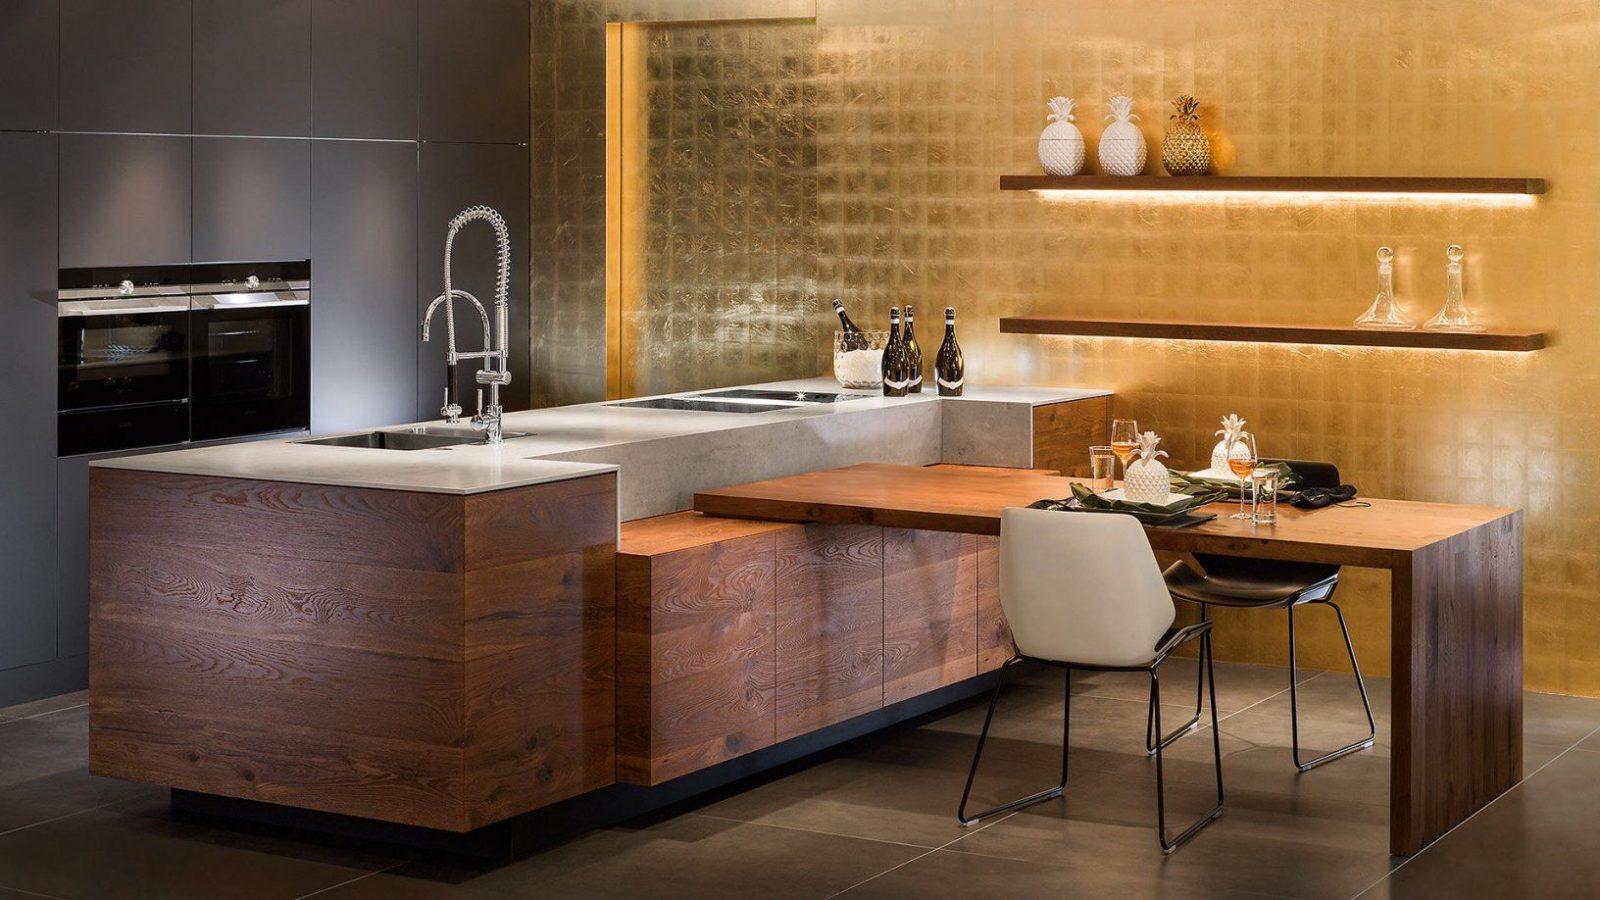 Kche Mit Integriertem Tisch  Haus Design Ideen